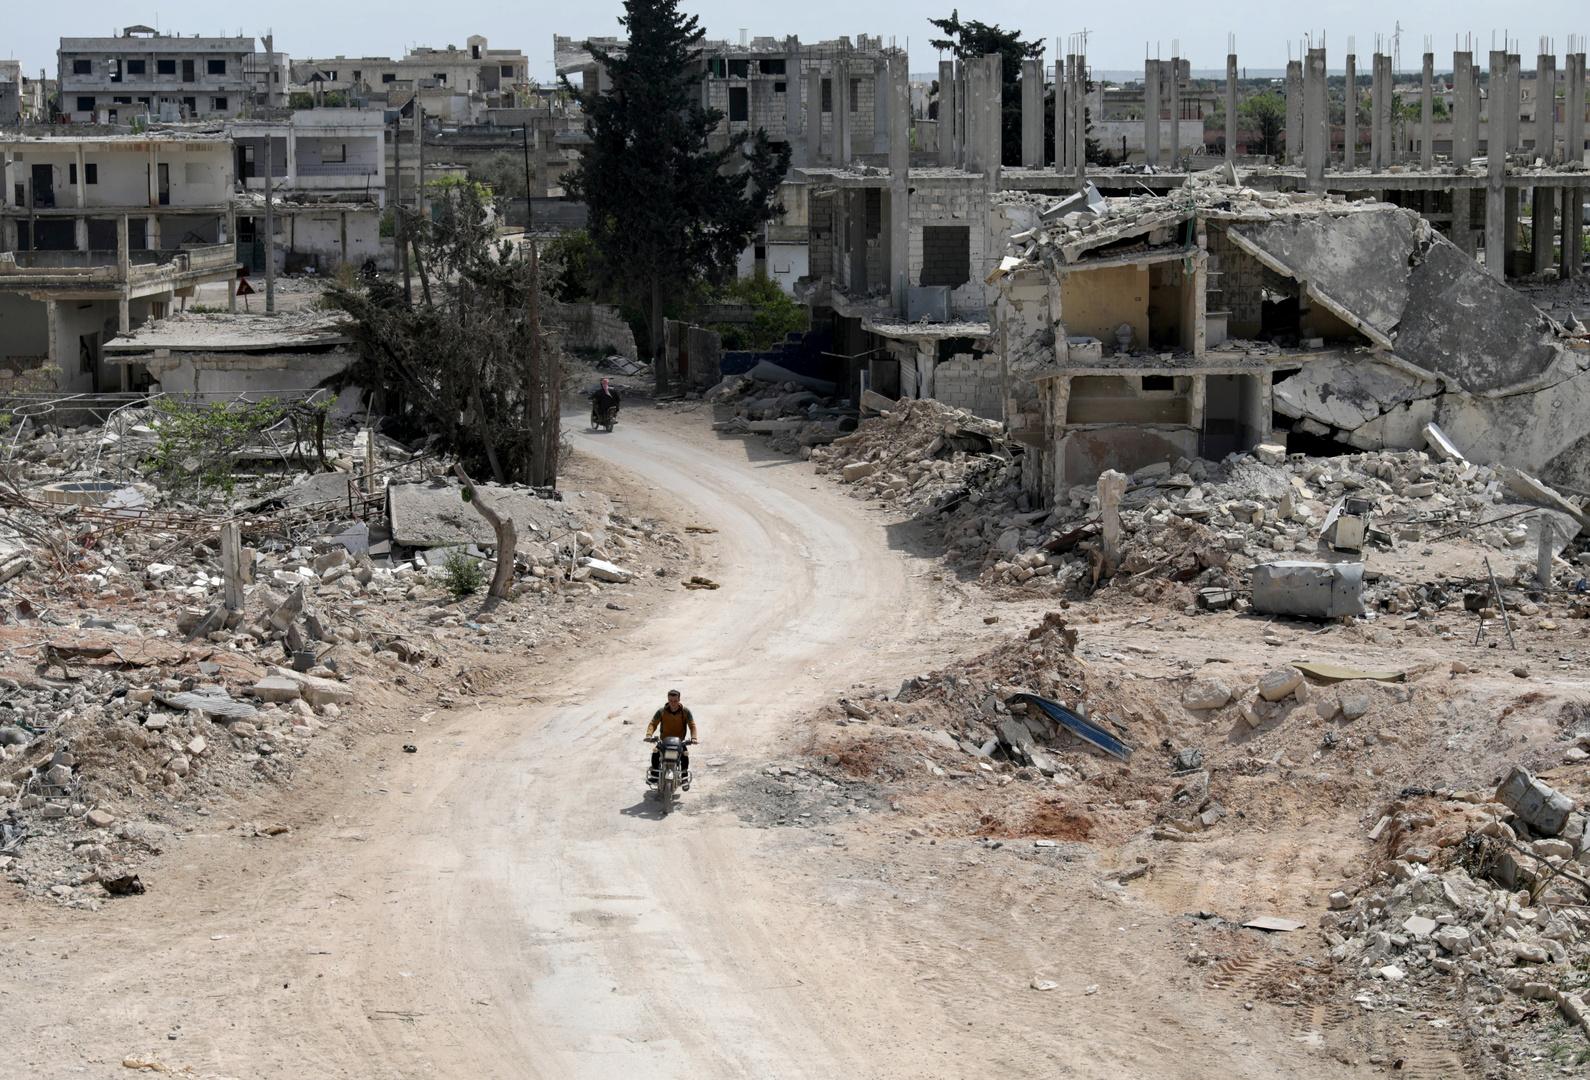 المرصد السوري لحقوق الإنسان: قتلى وجرحى جراء انفجار مستودع ذخيرة قرب مخيم للنازحين في إدلب